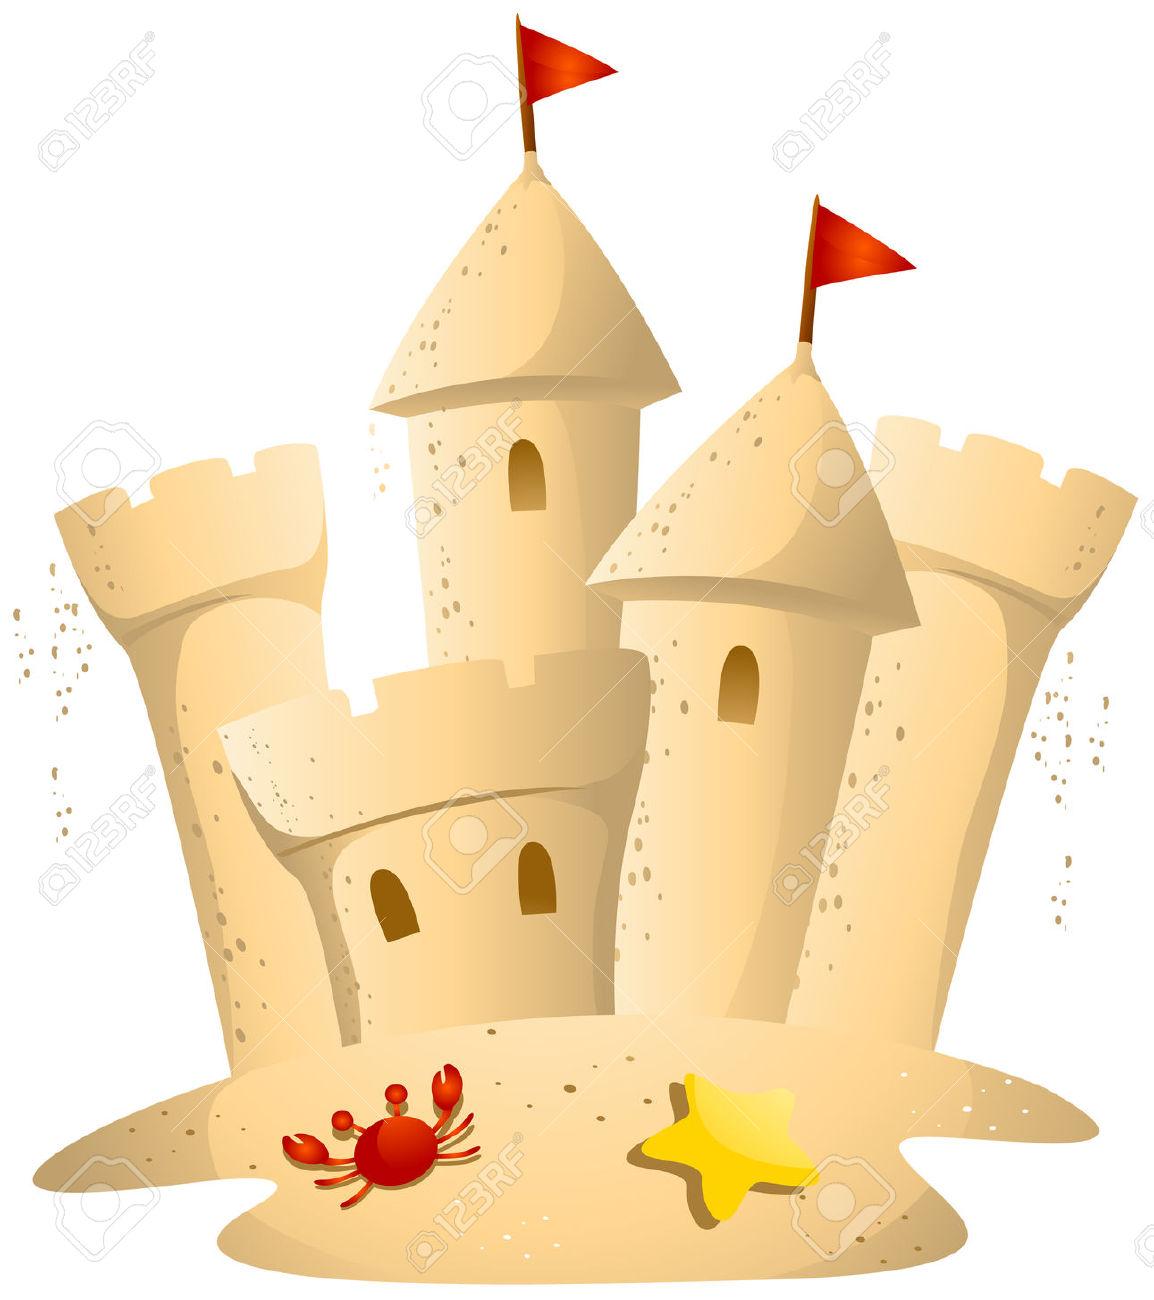 340 Sand Castle free clipart.